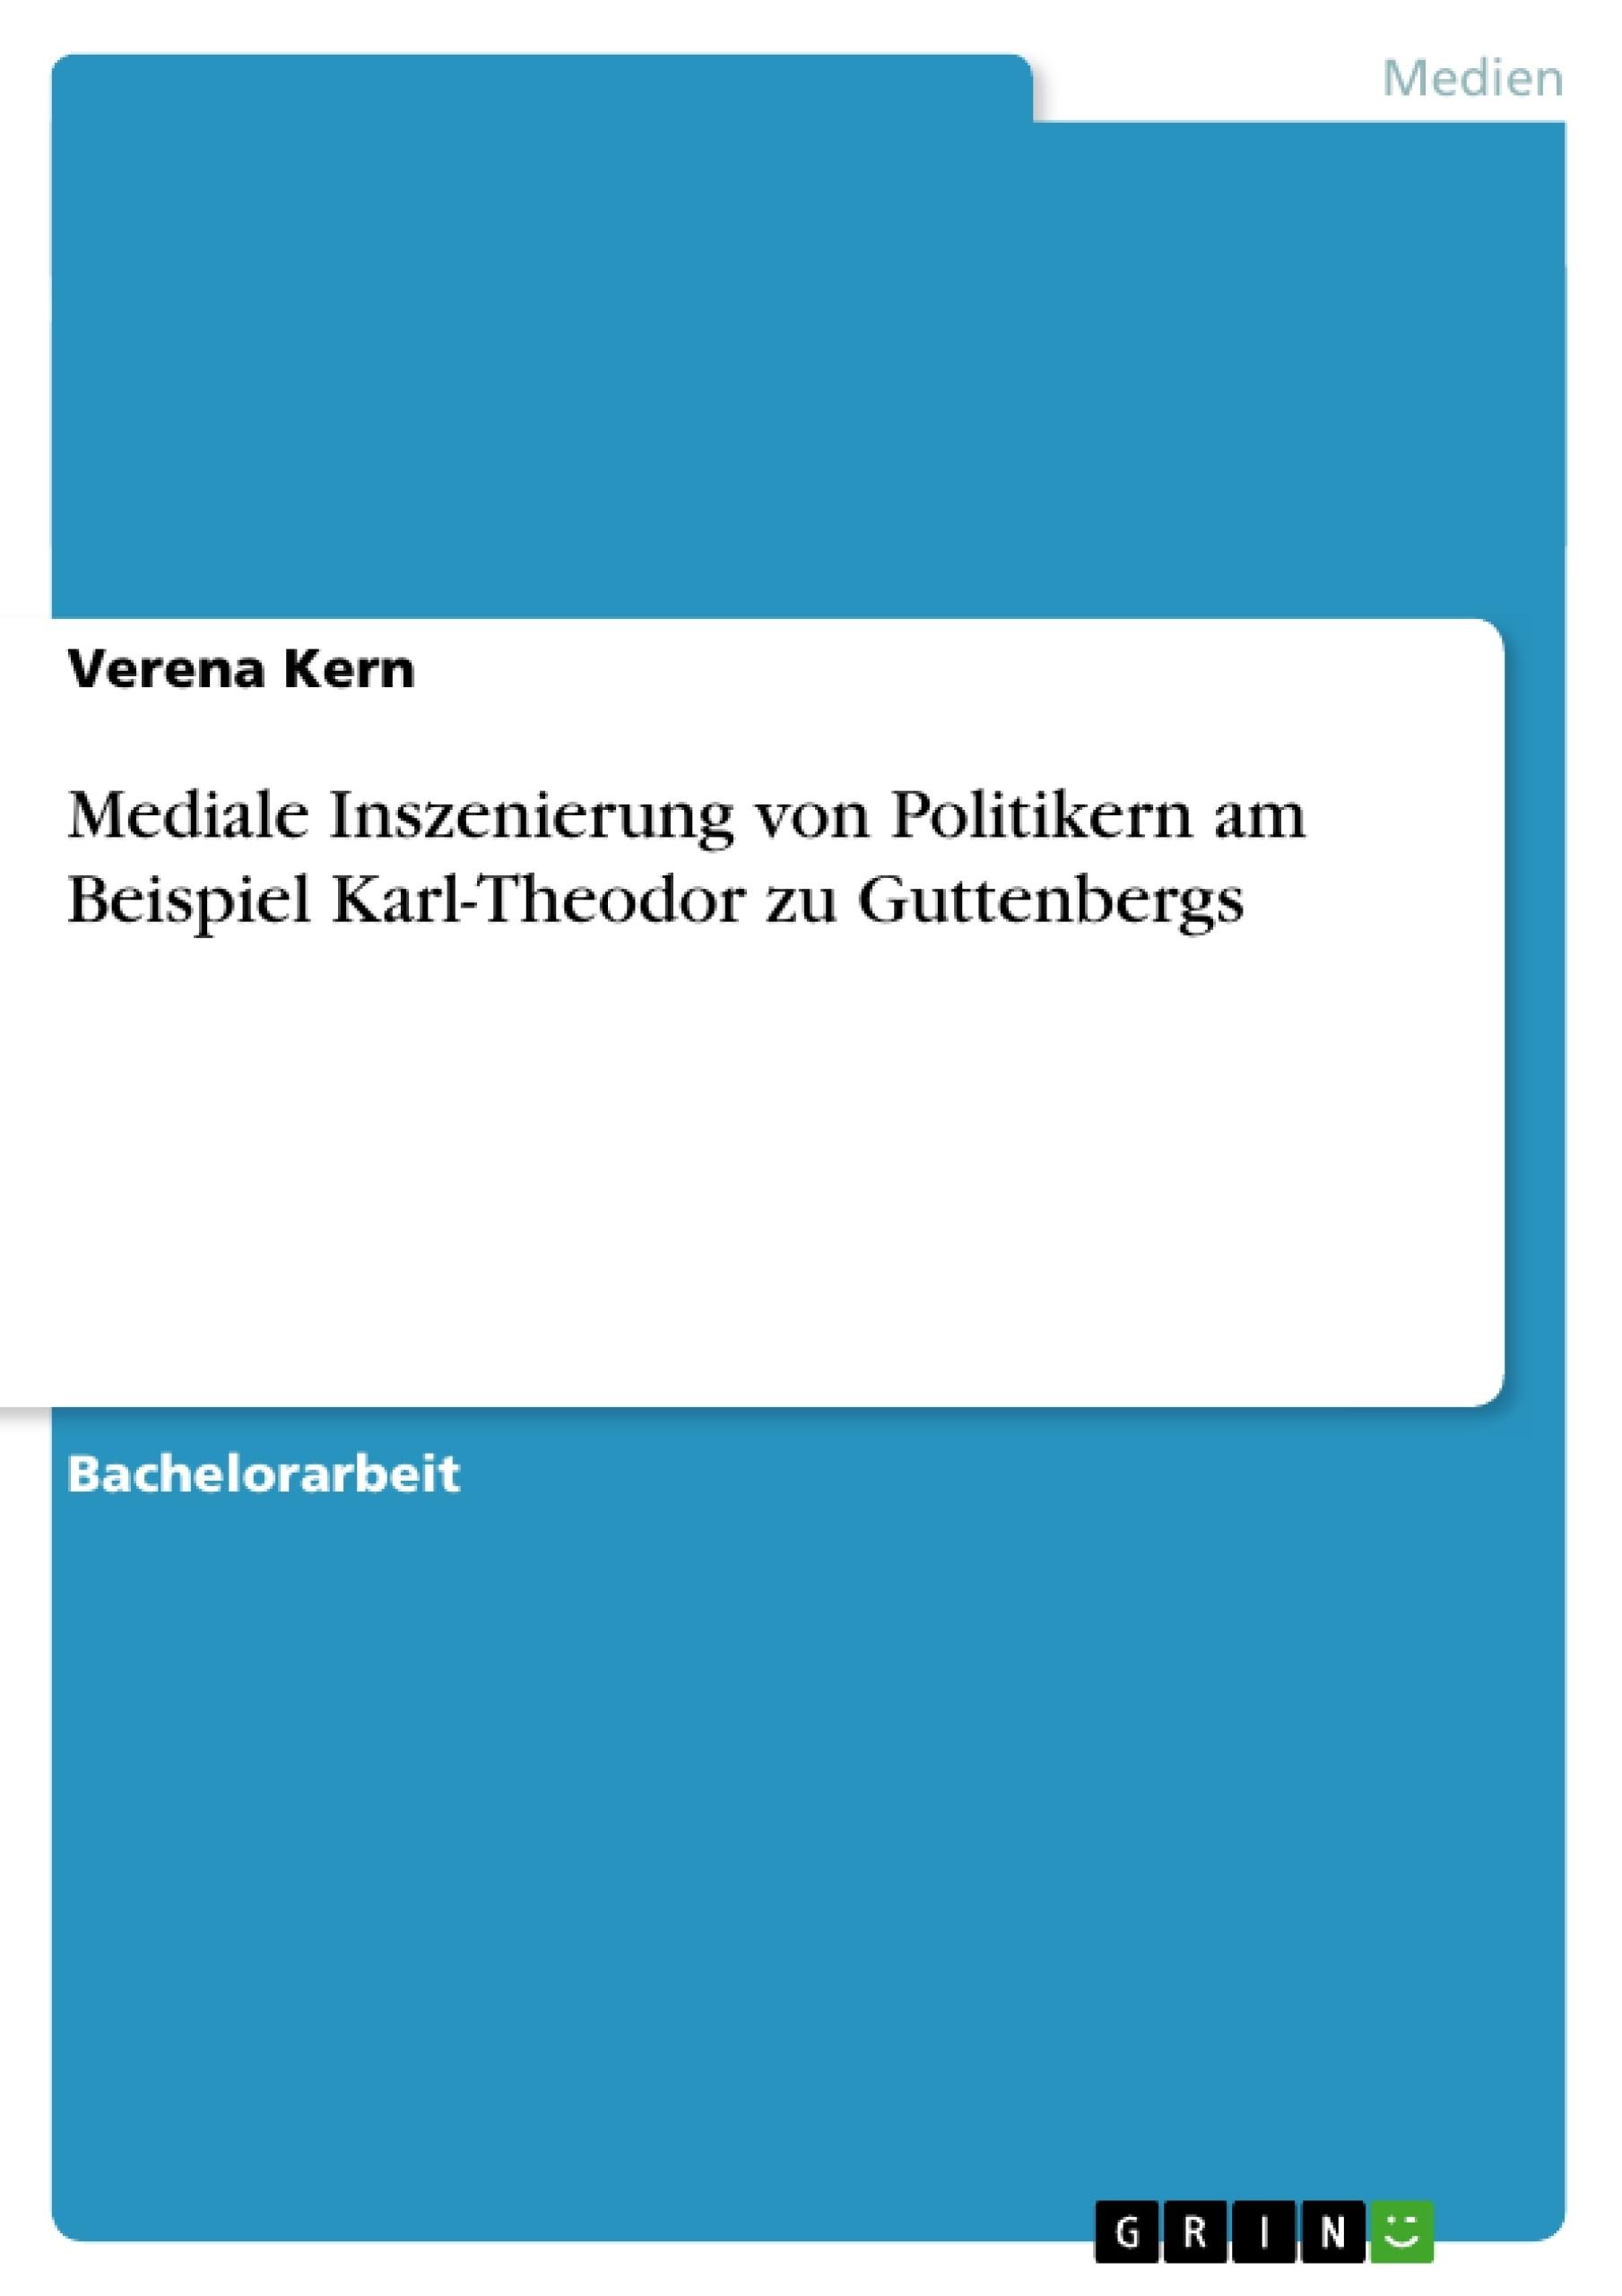 Titel: Mediale Inszenierung von Politikern am Beispiel Karl-Theodor zu Guttenbergs